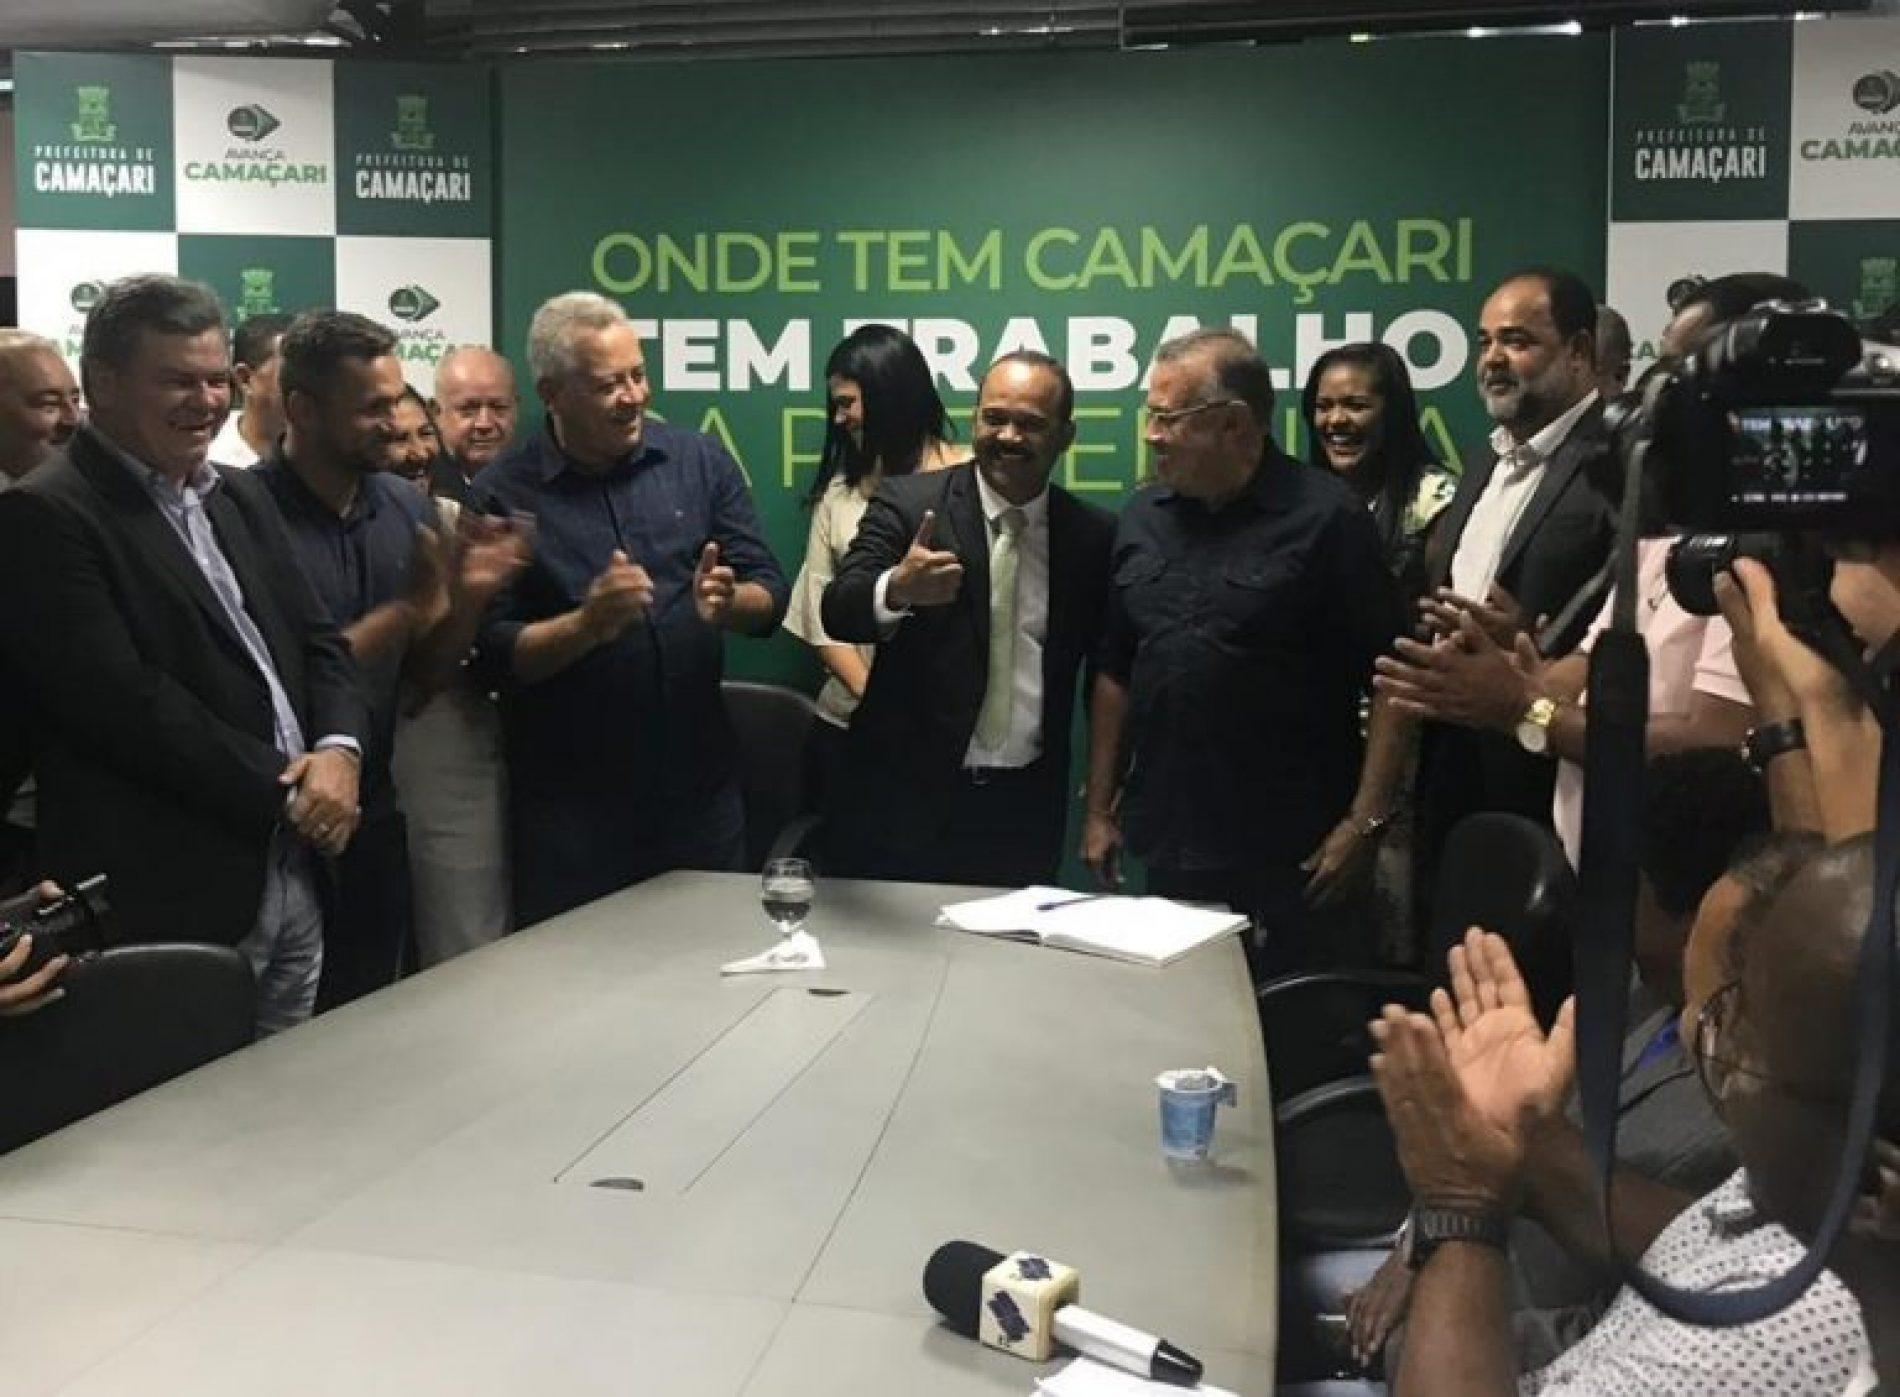 Camaçari: Elinaldo anuncia Reforma Administrativa; ex-comandante da PM vai comandar trânsito e transporte; confira lista